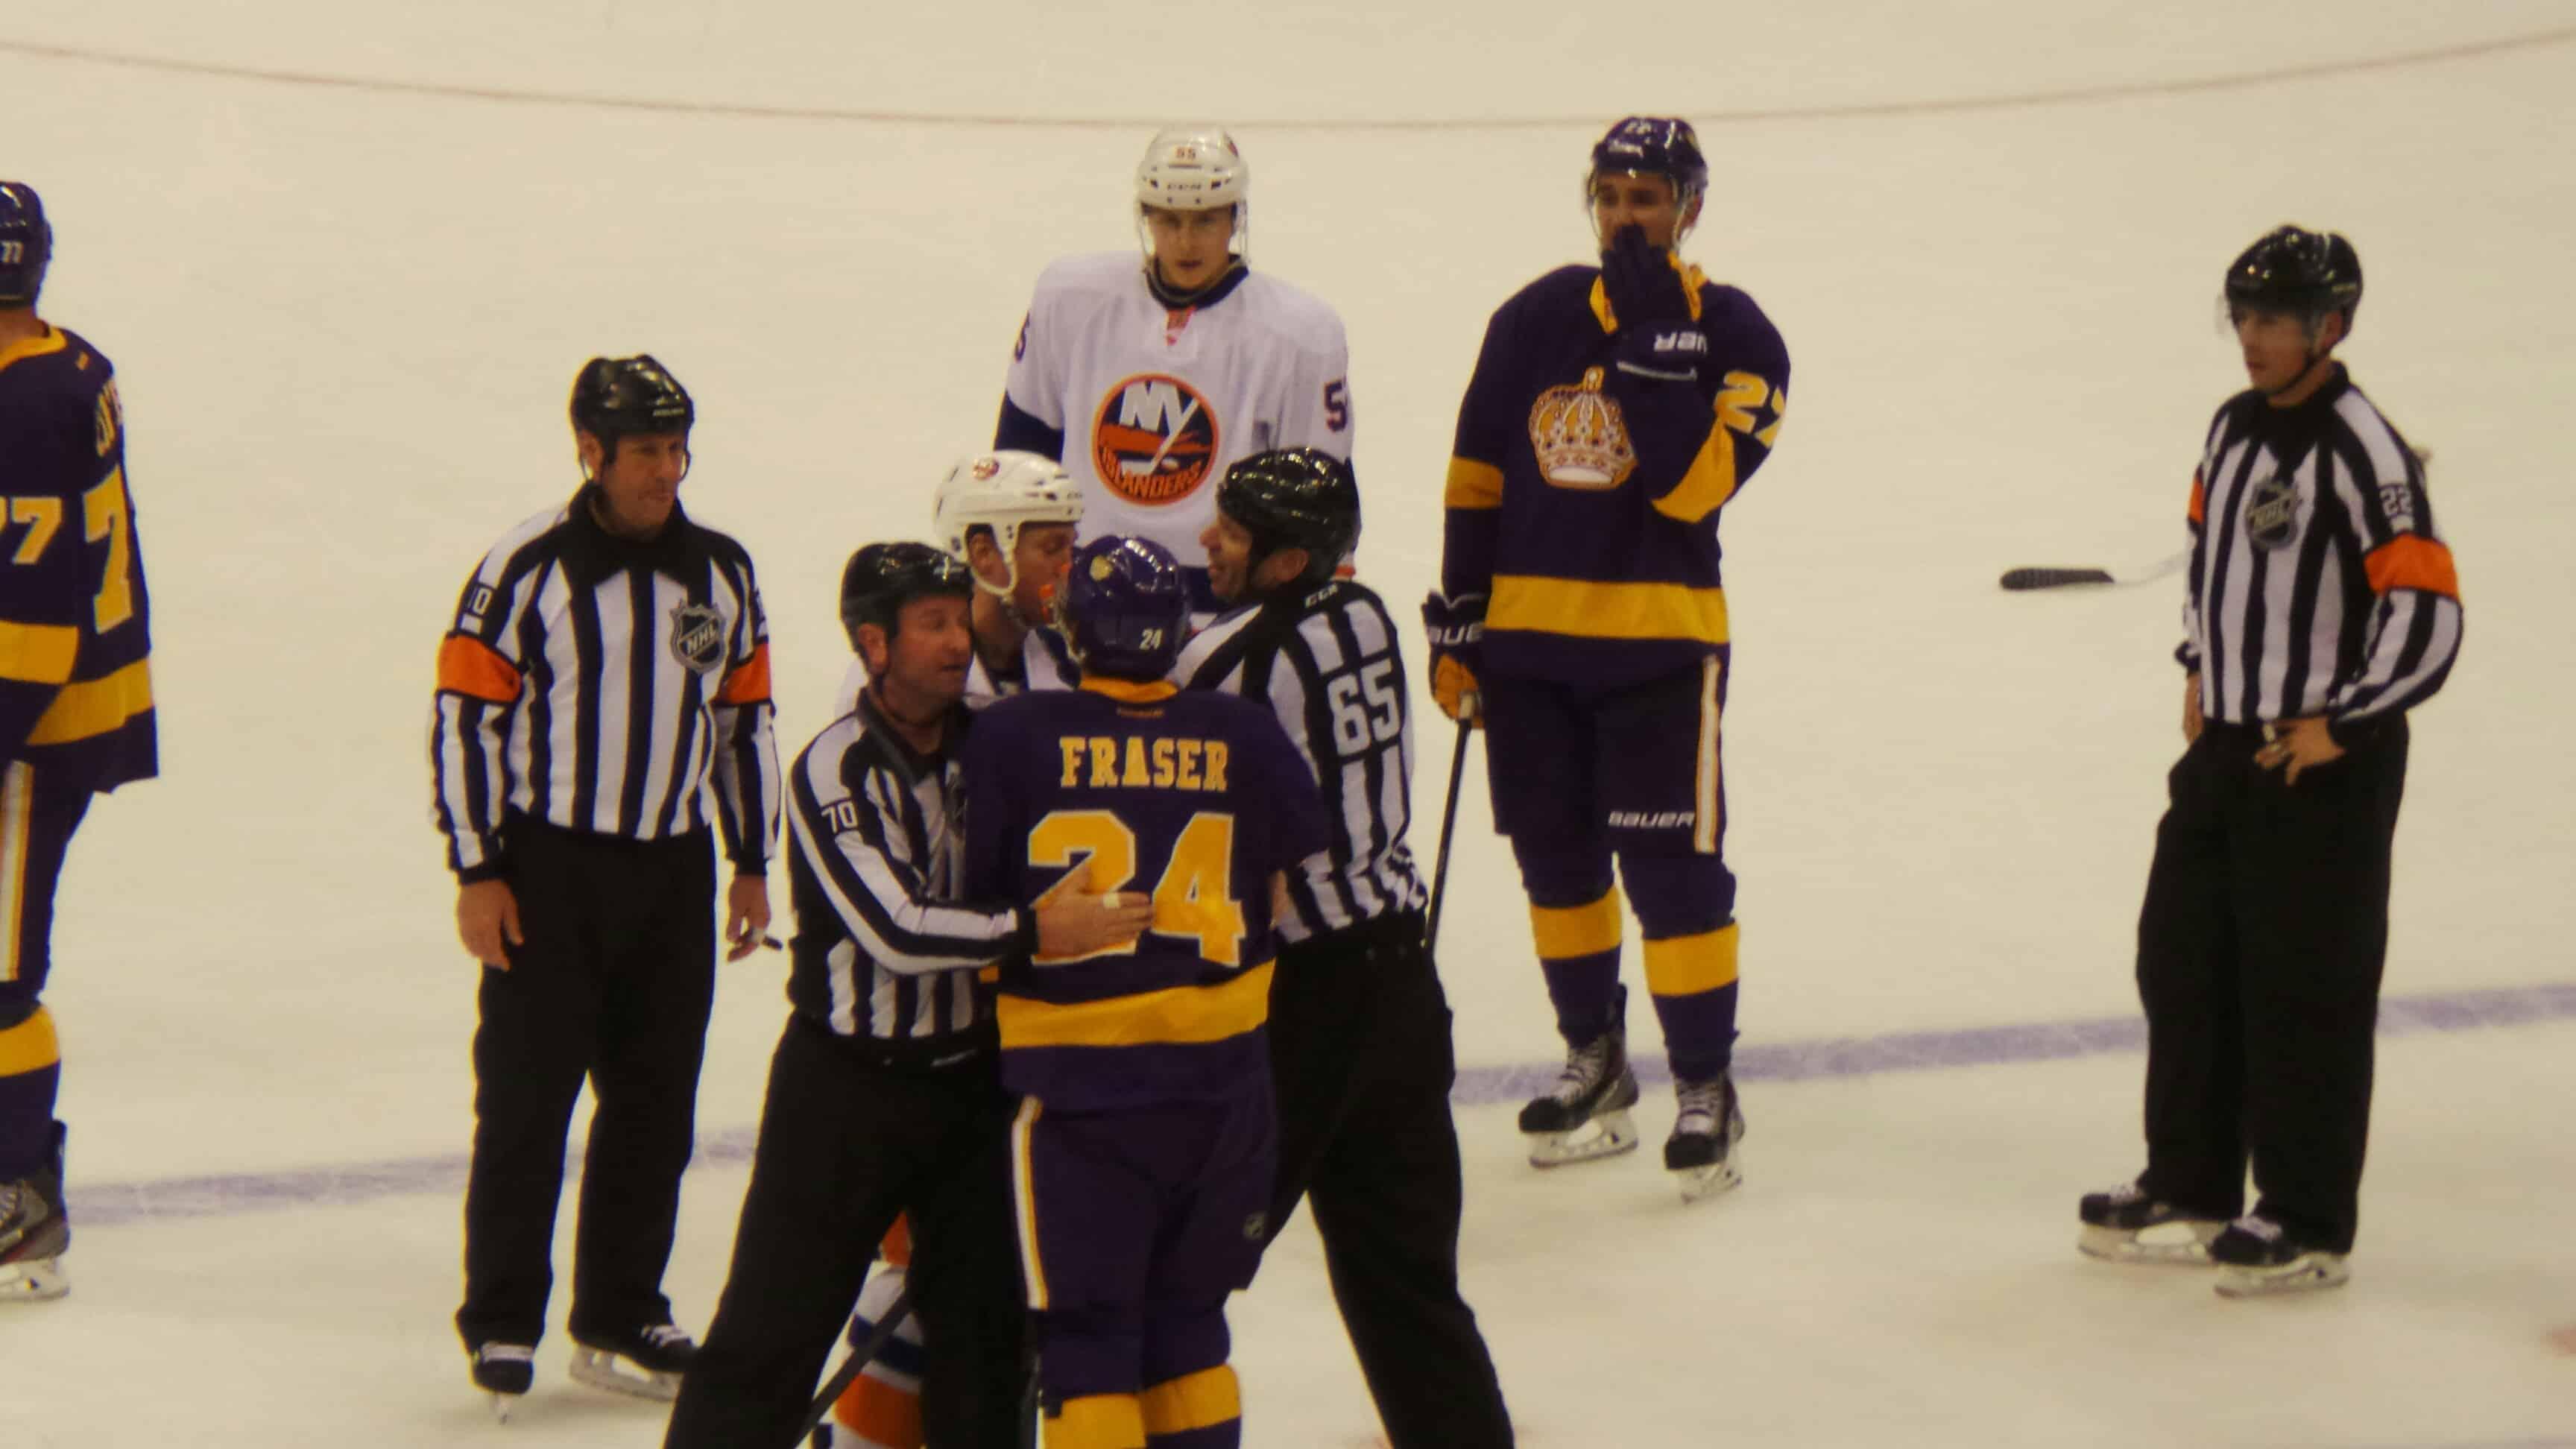 LA Kings vs NY Islanders fight